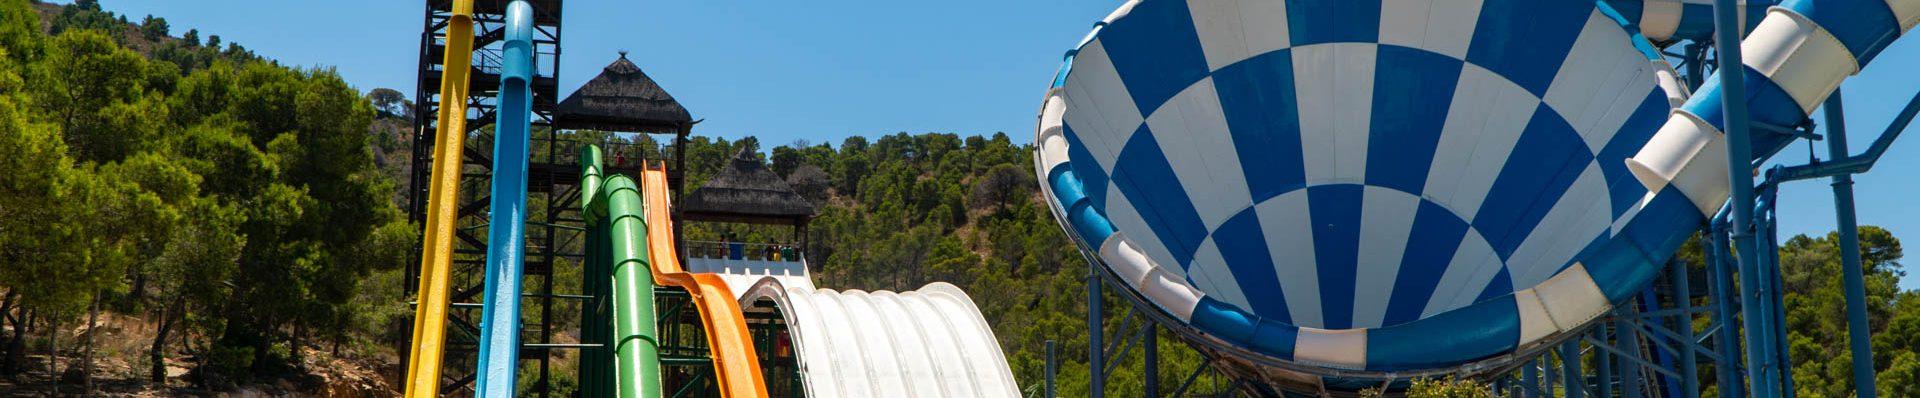 Themeparkblogger